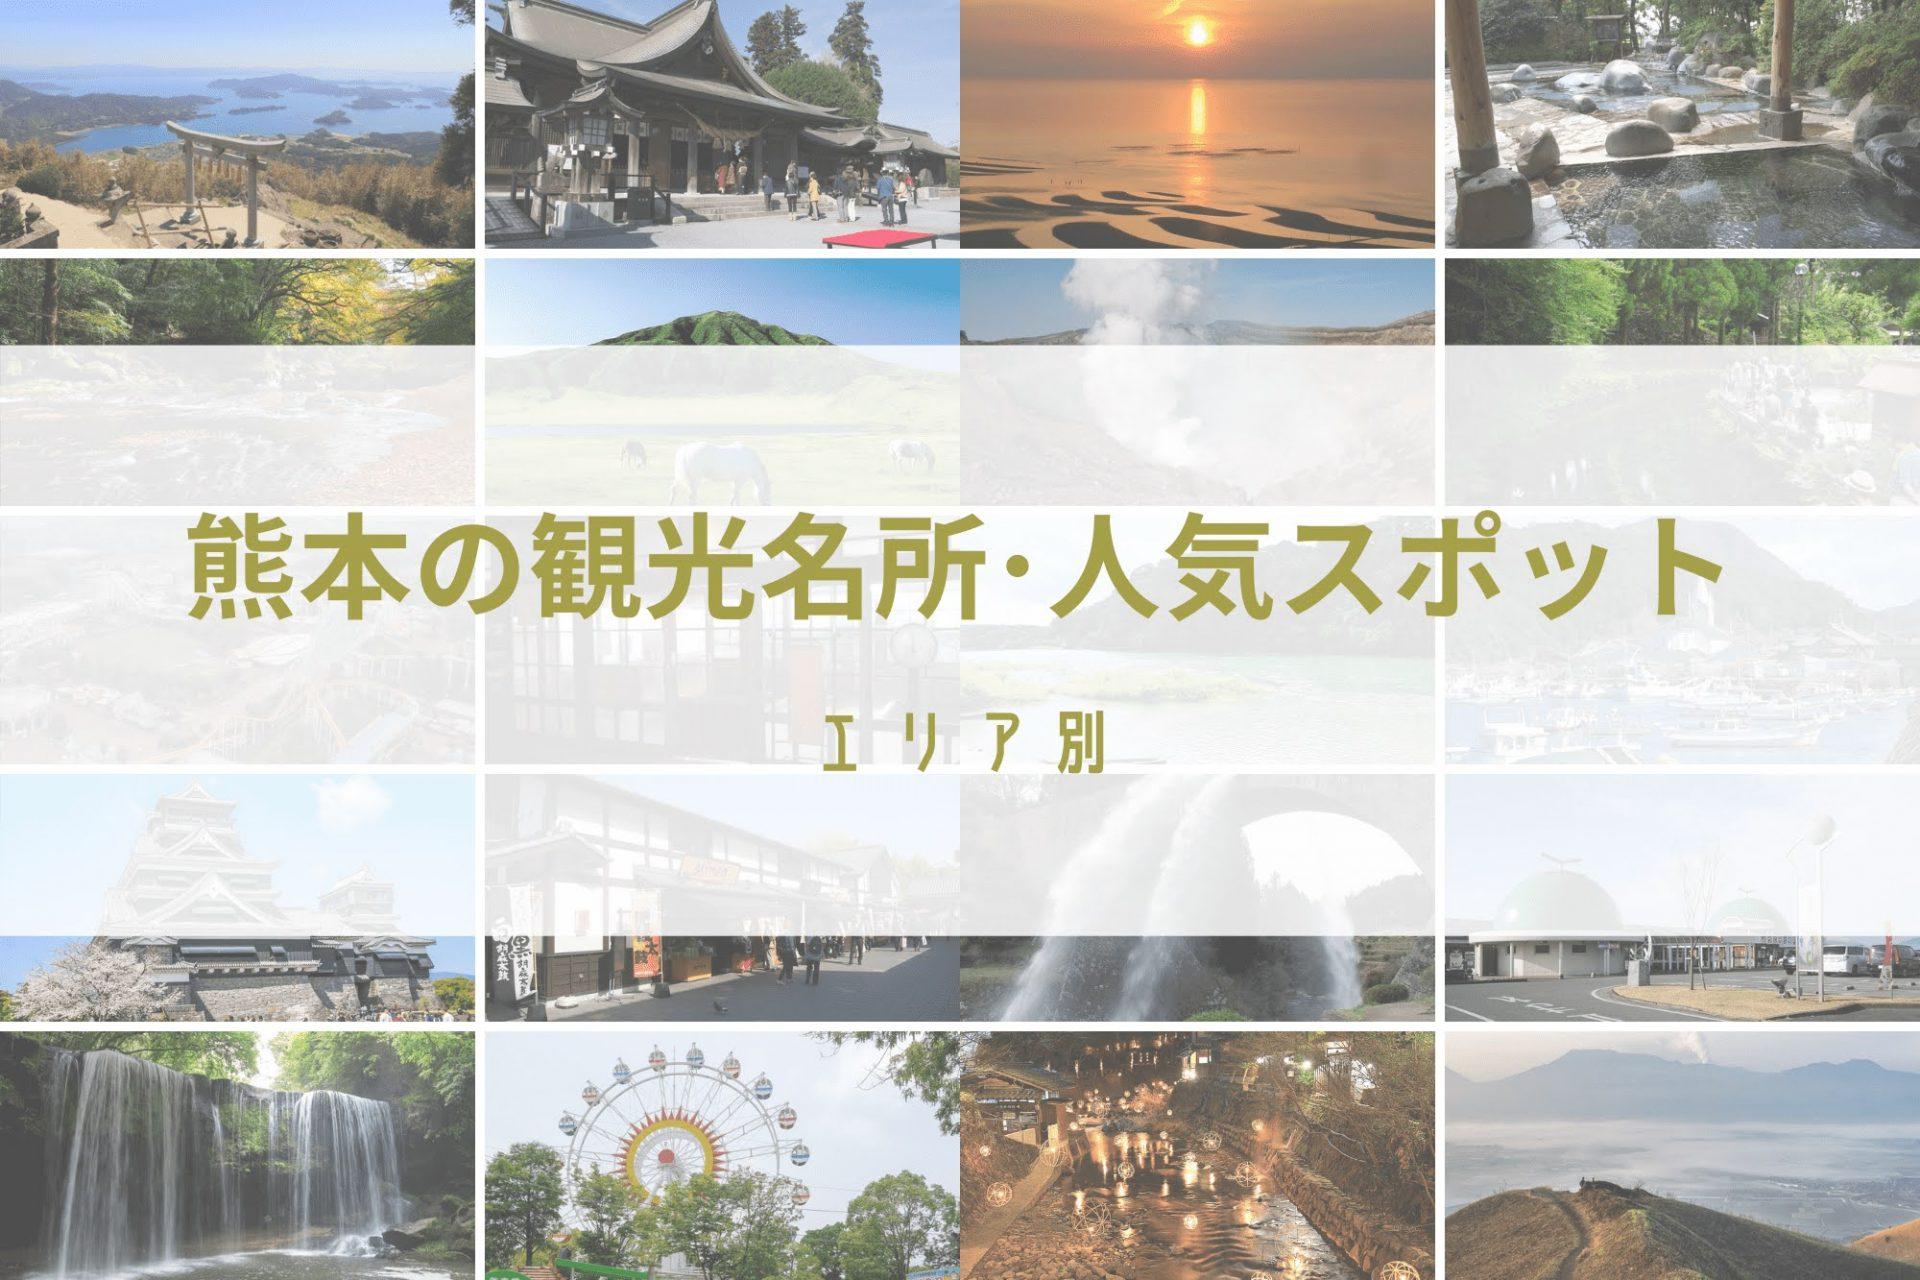 熊本 観光 名所 人気 おすすめ 旅行 九州